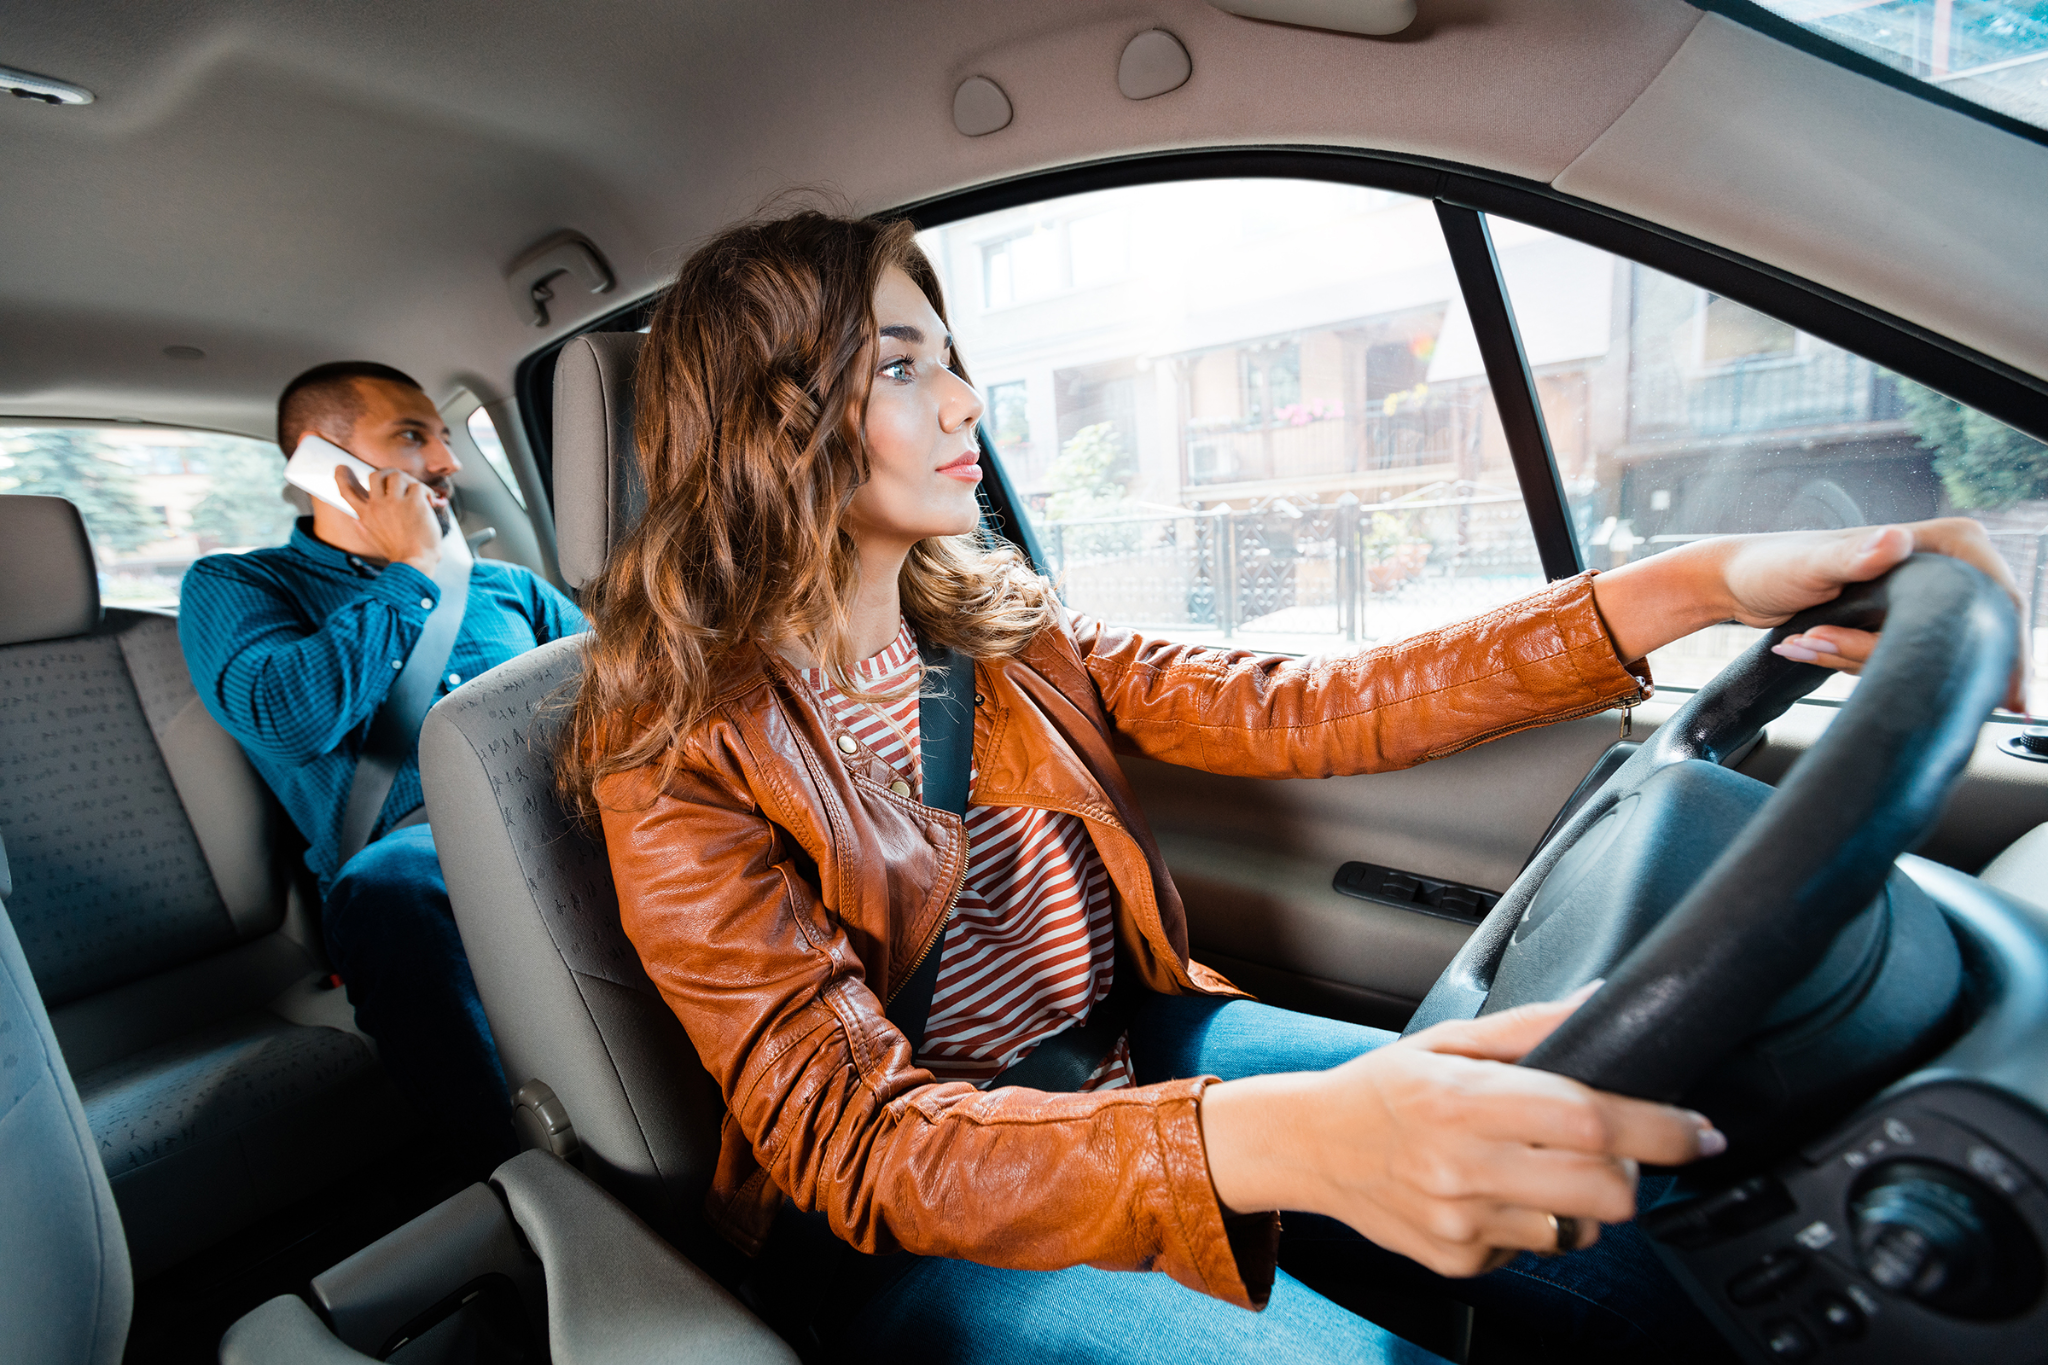 Как вести себя в неловких ситуациях, возникших в такси: способы избежания неуместных разговоров - Картинка 1